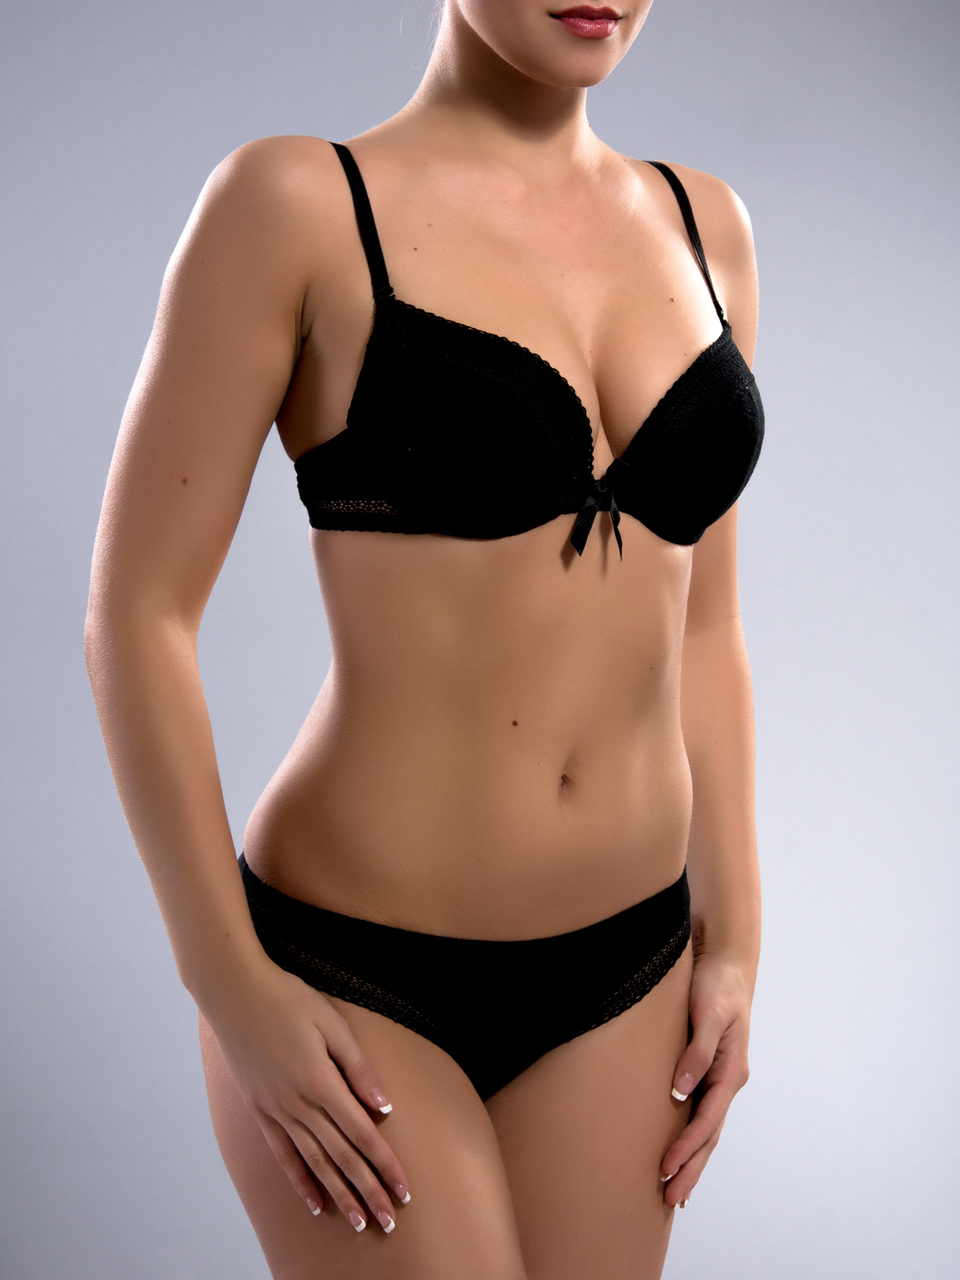 Комплект женского нижнего белья Acousma A6358-1BC-P6358H, цвет Черный, размер 85B-XL